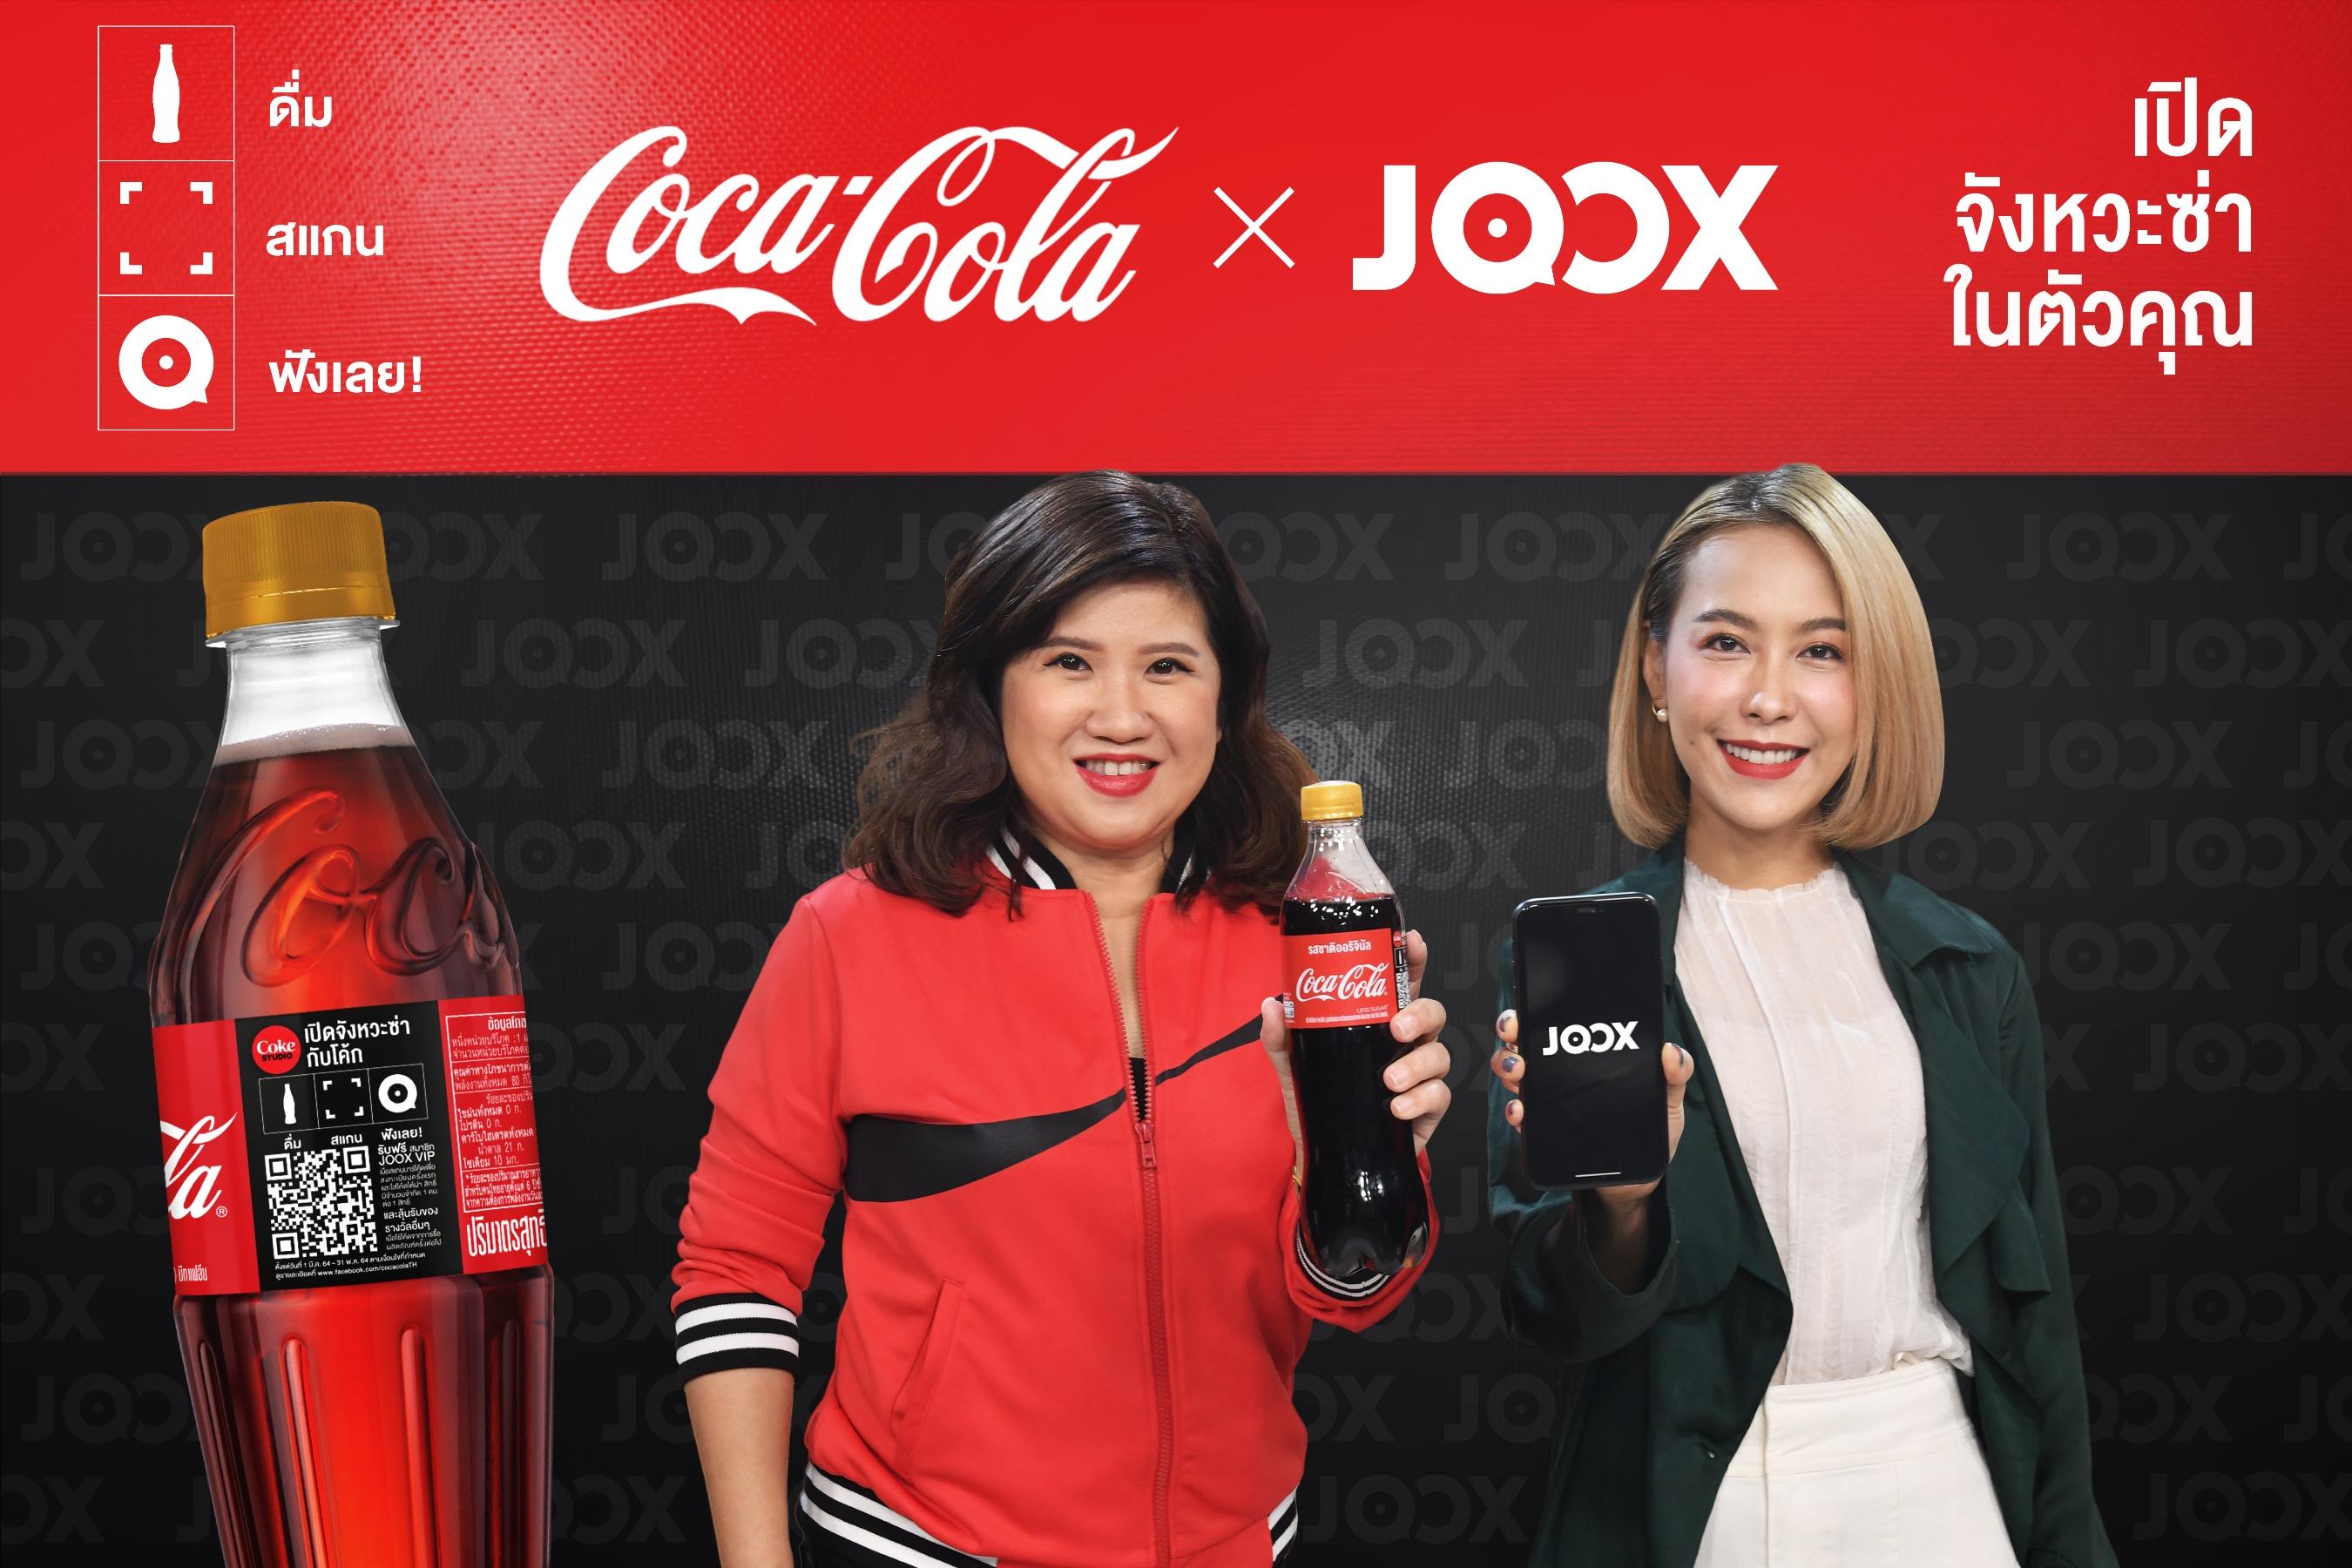 'JOOX' และ 'โคคา-โคล่า' ชวนคนไทยระเบิดความสนุก ปลุกความสดชื่น ไปกับแคมเปญ 'เปิดจังหวะซ่าในตัวคุณ' เพียงดื่ม สแกน รับฟรี JOOX VIP ฟังเพลงไม่อั้น พร้อมลุ้นของรางวัลมากมายจาก 'โค้ก' สำนักพิมพ์แม่บ้าน